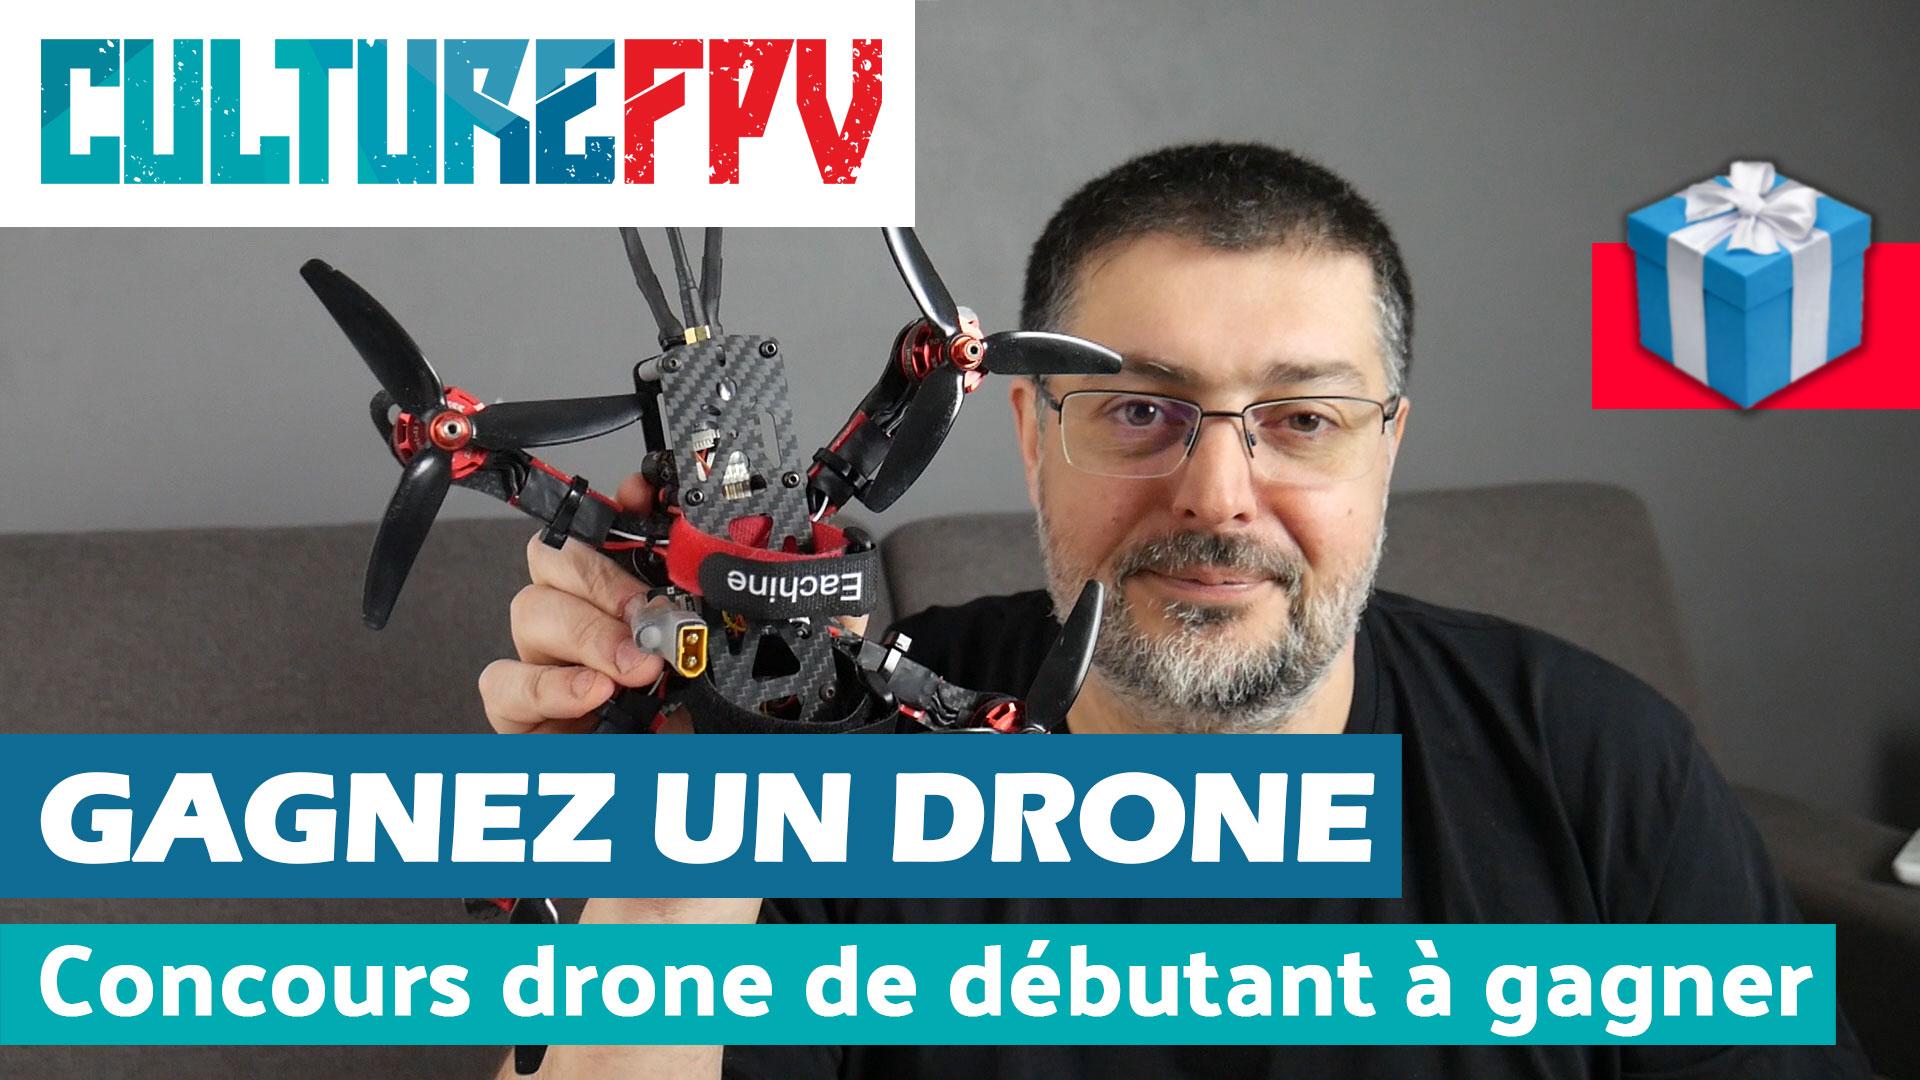 Concours : gagnez un drone prêt à voler pour débutant